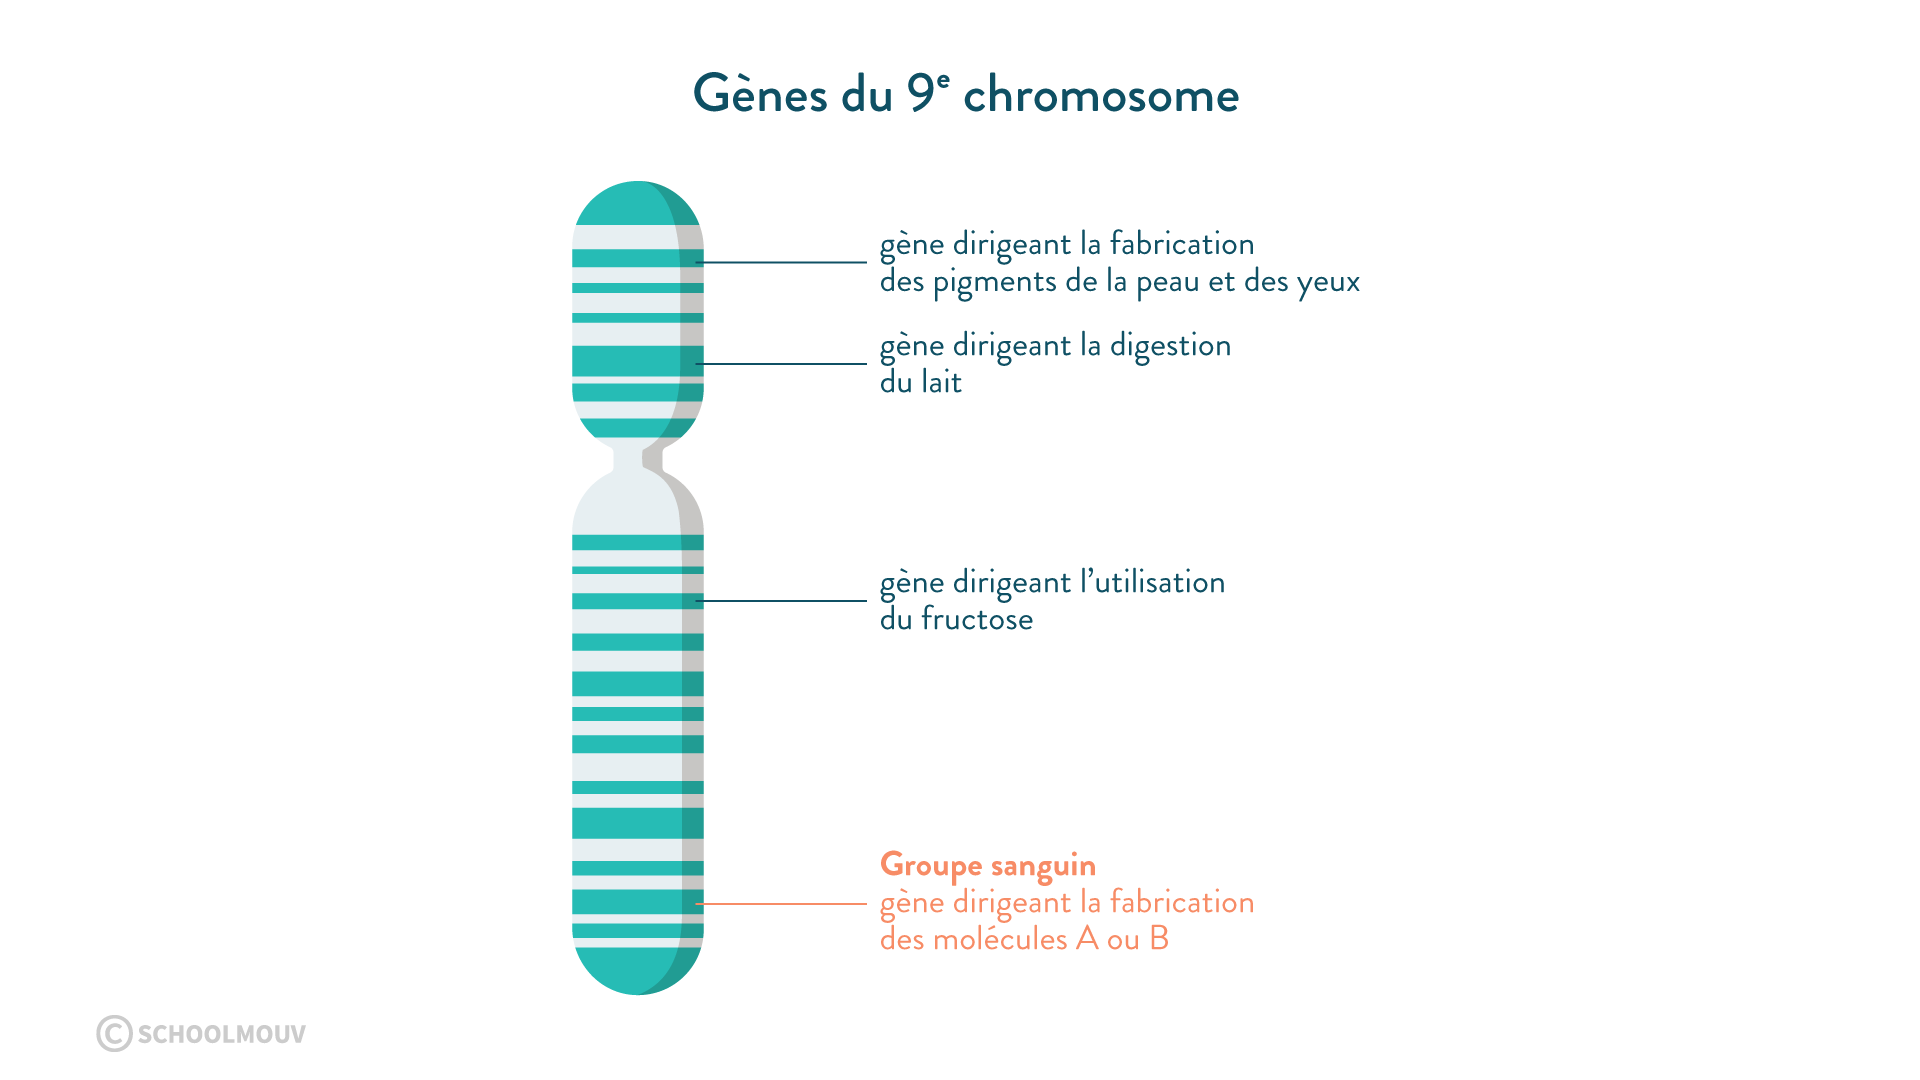 gènes 9e chromosomes